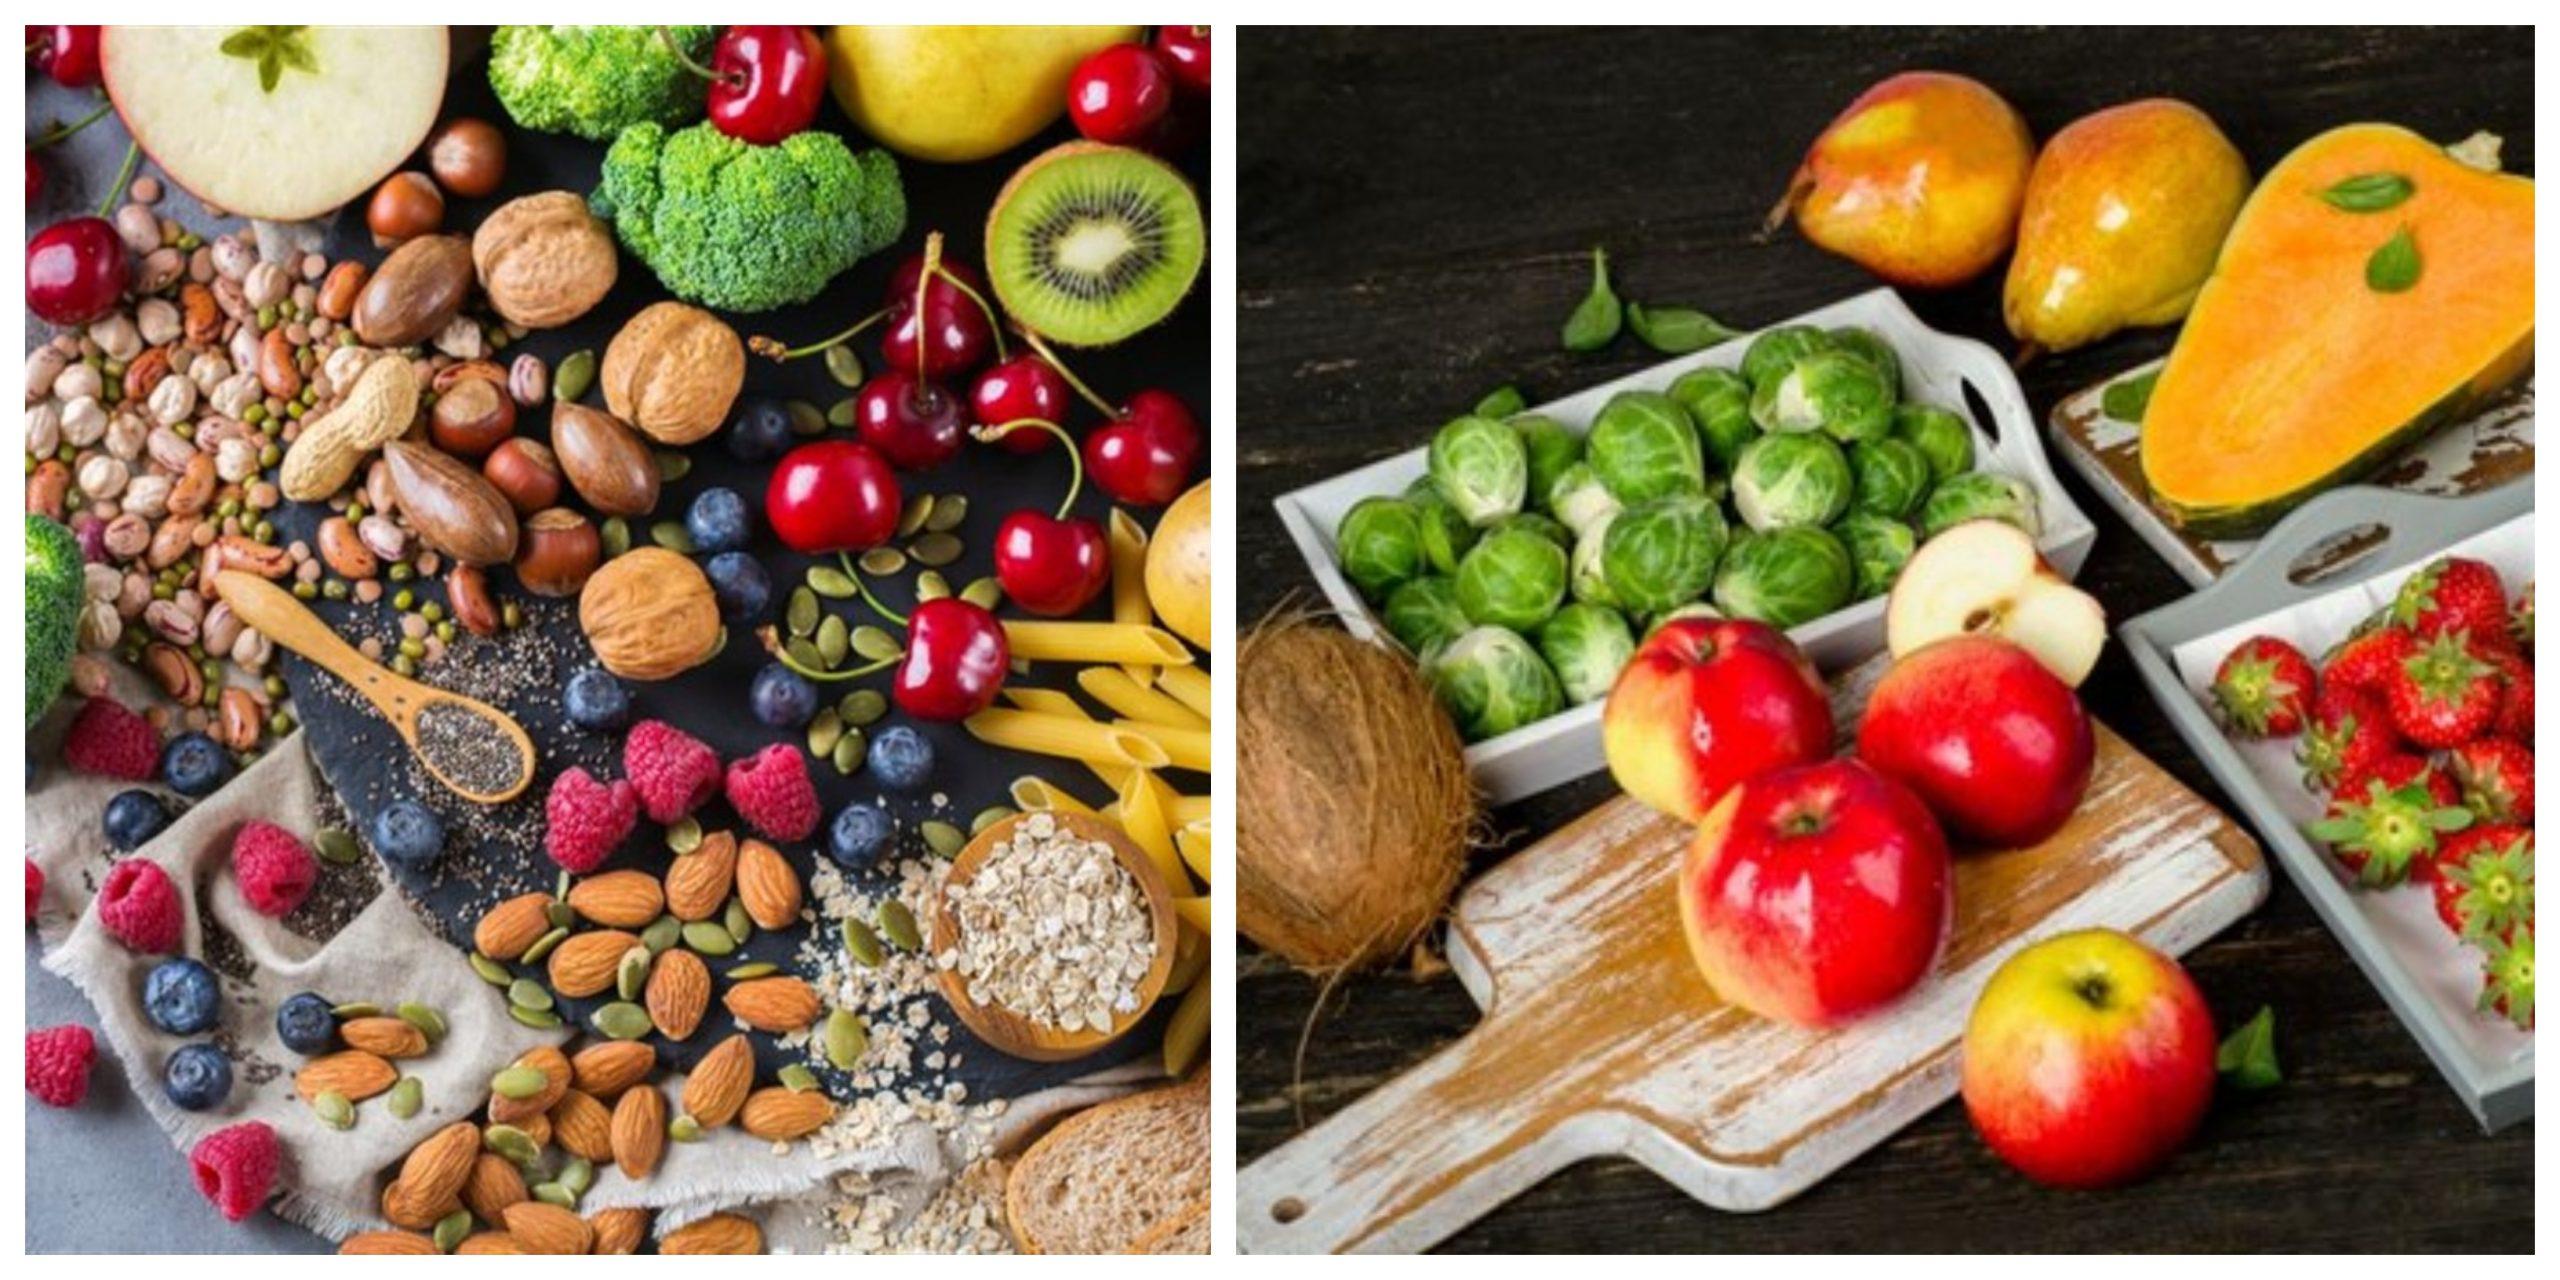 أطعمة يمكنها أن تزيل القلق أو التوتر وتساعد على تحسين المزاج